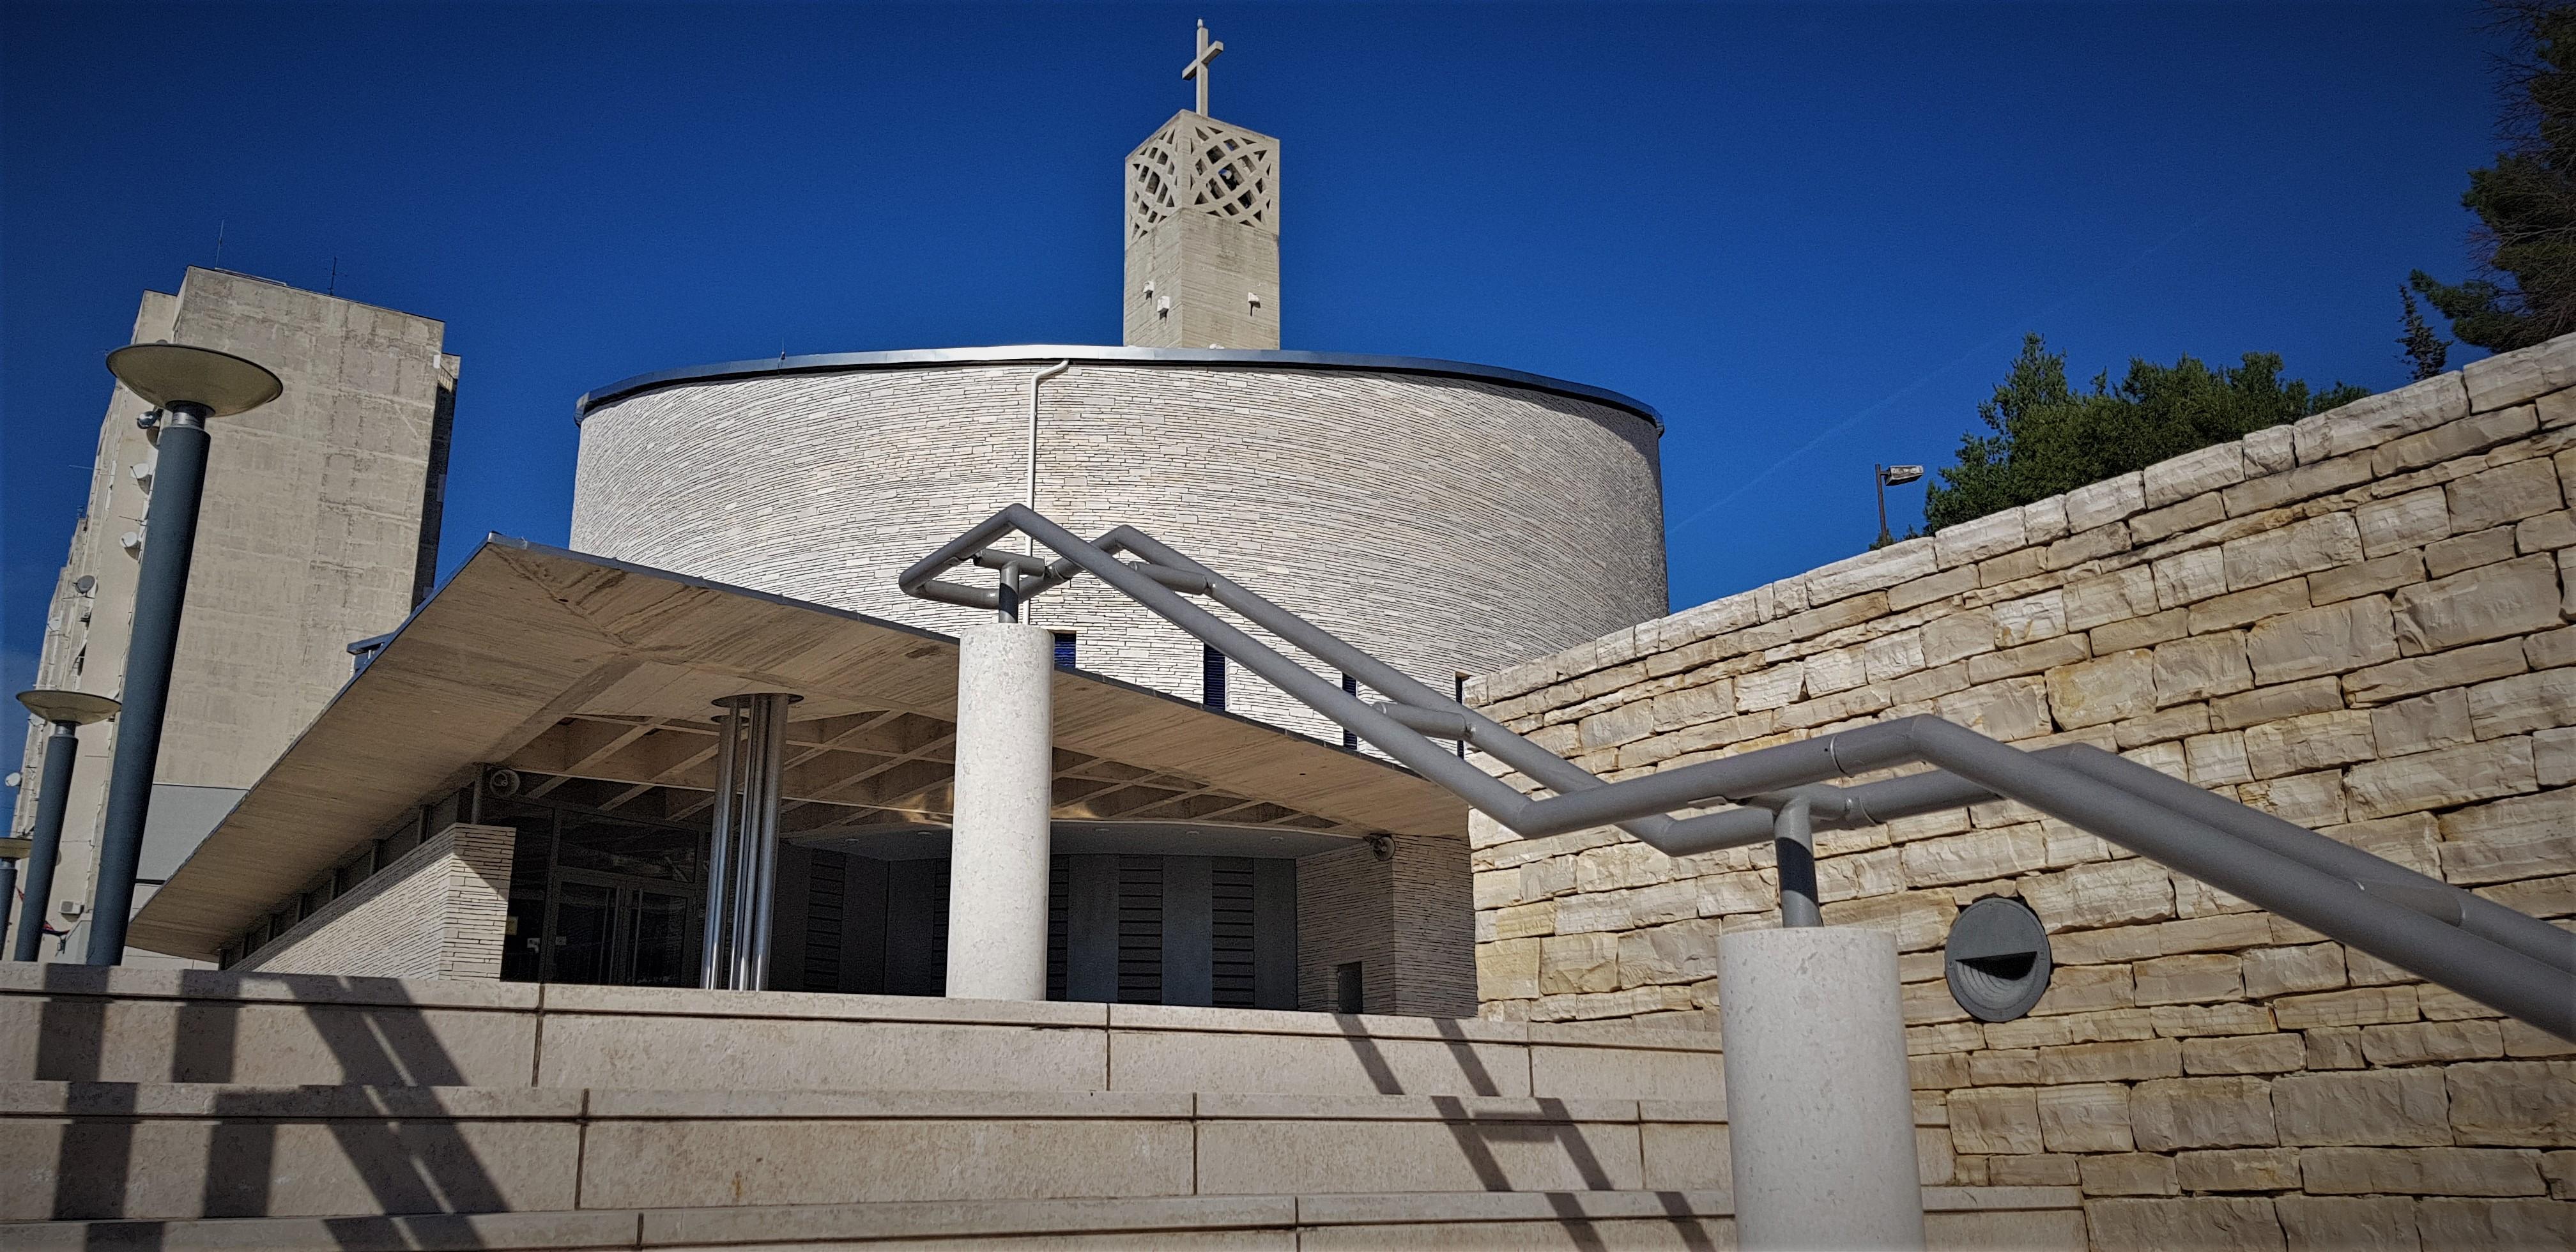 Stožer i duhovnost: Duhovnost je u čovjeku, a ne u crkvi